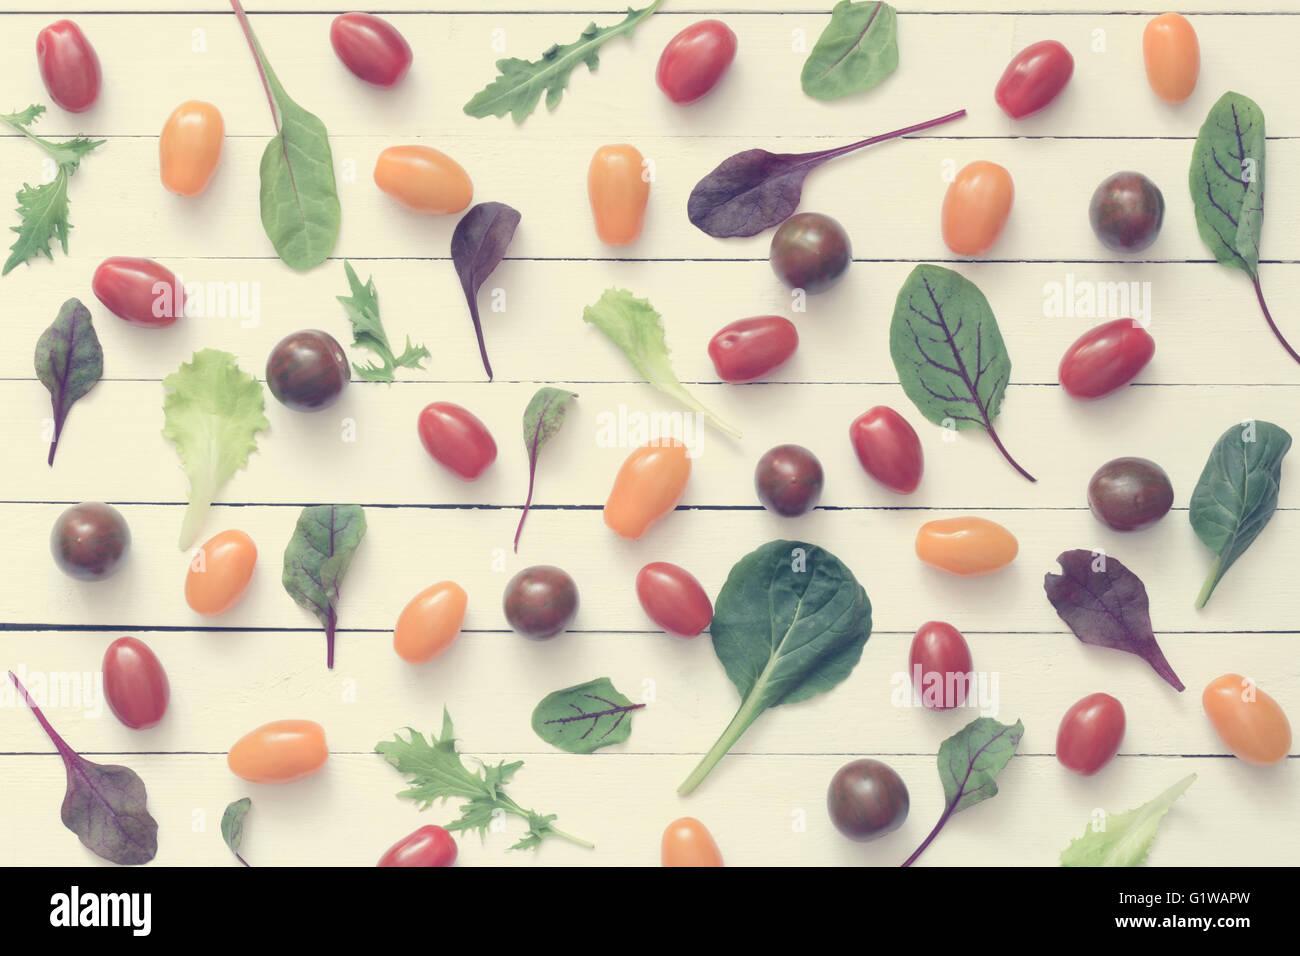 Cibo laici piana. Modello di verdure fresche e verdure in bianco sullo sfondo di legno. Mangiare sano concetto Immagini Stock